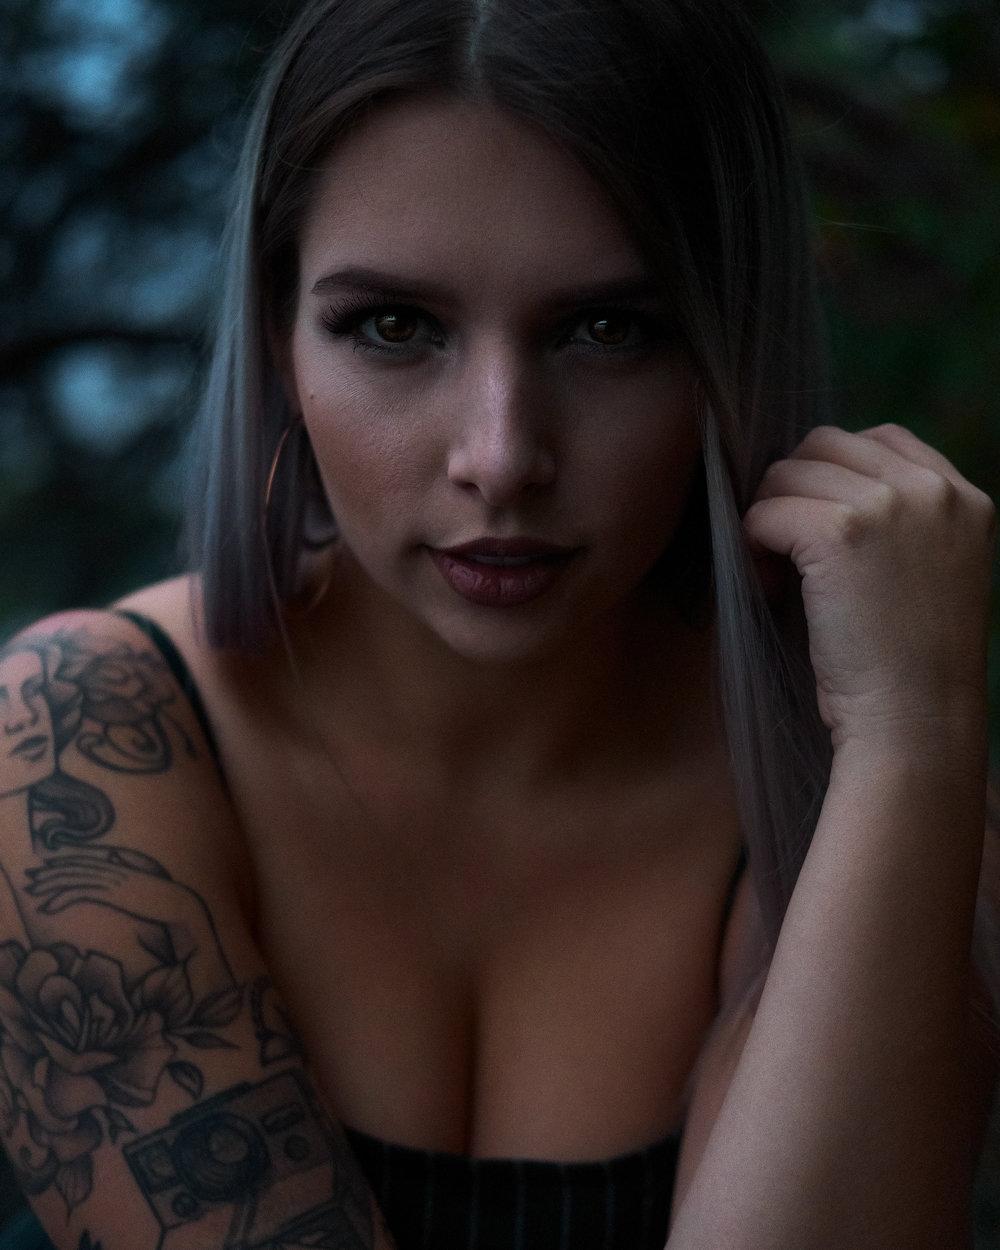 PierAnne_20-09-2018_005.jpg